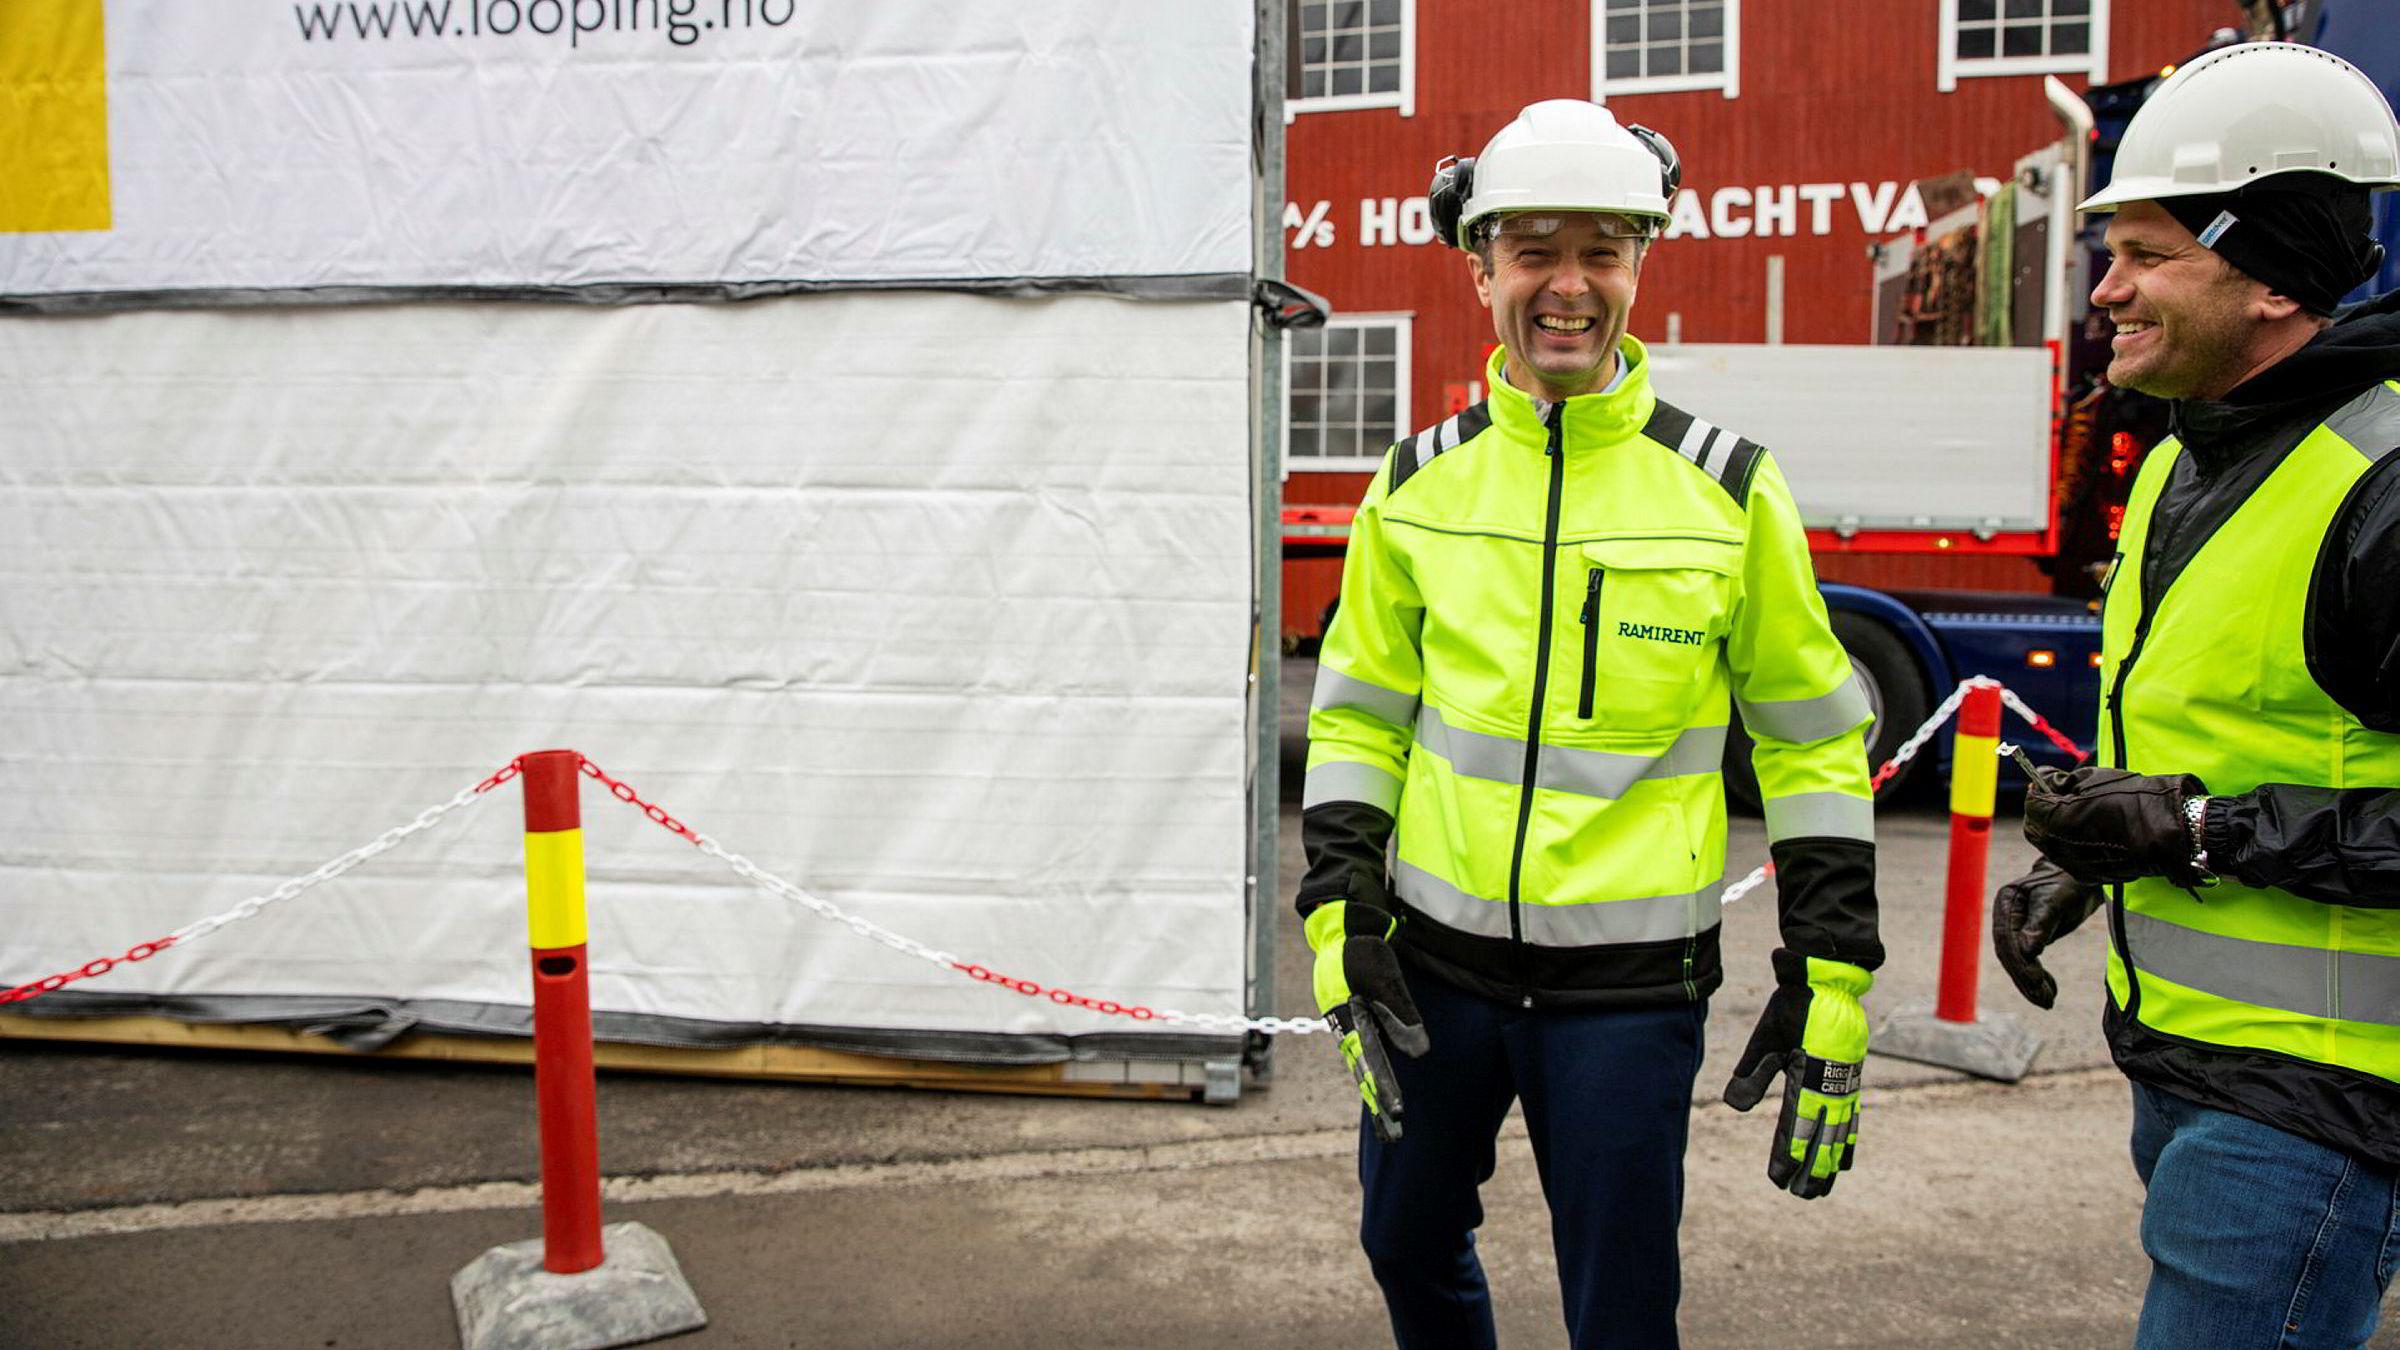 – Gjenbruksemballasjen på brakkemodulene slik vi bruker dem kan brukes i flere år, sier administrerende direktør Øyvind Emblem i Ramirent (til venstre). Til høyre Jens Brustad, daglig leder og gründer i plastselskapet Looping.